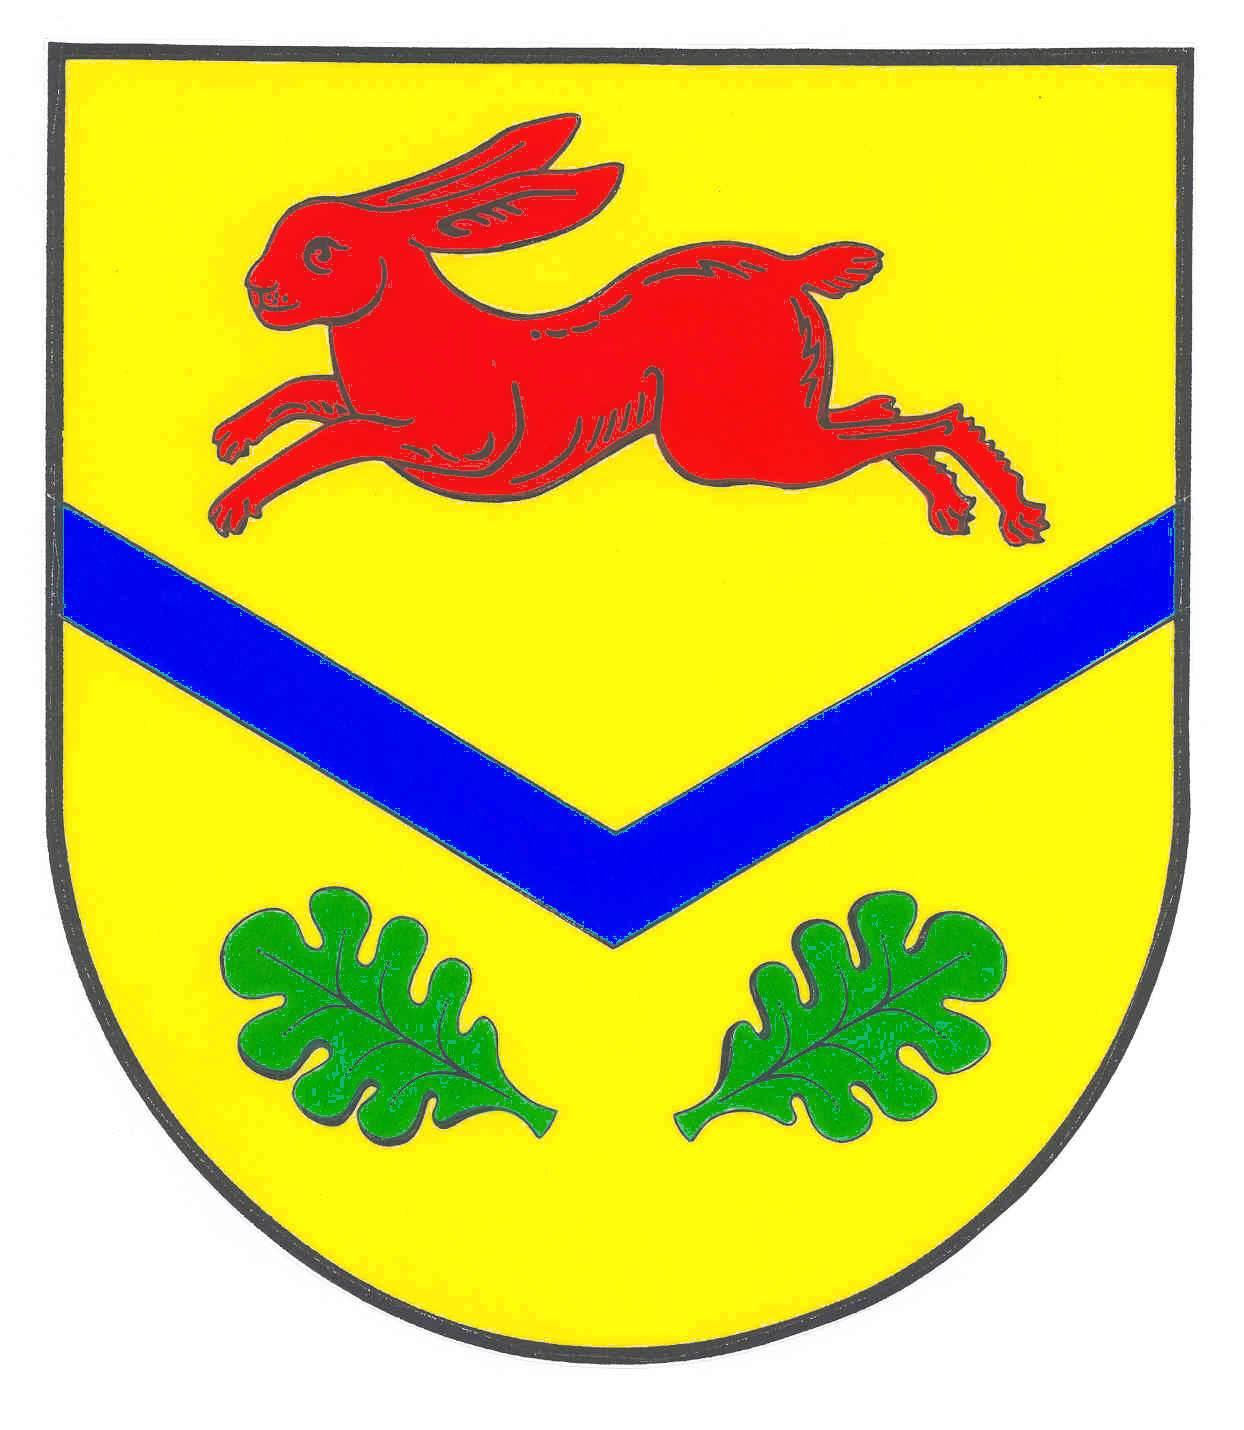 Wappen GemeindeHasenkrug, Kreis Segeberg